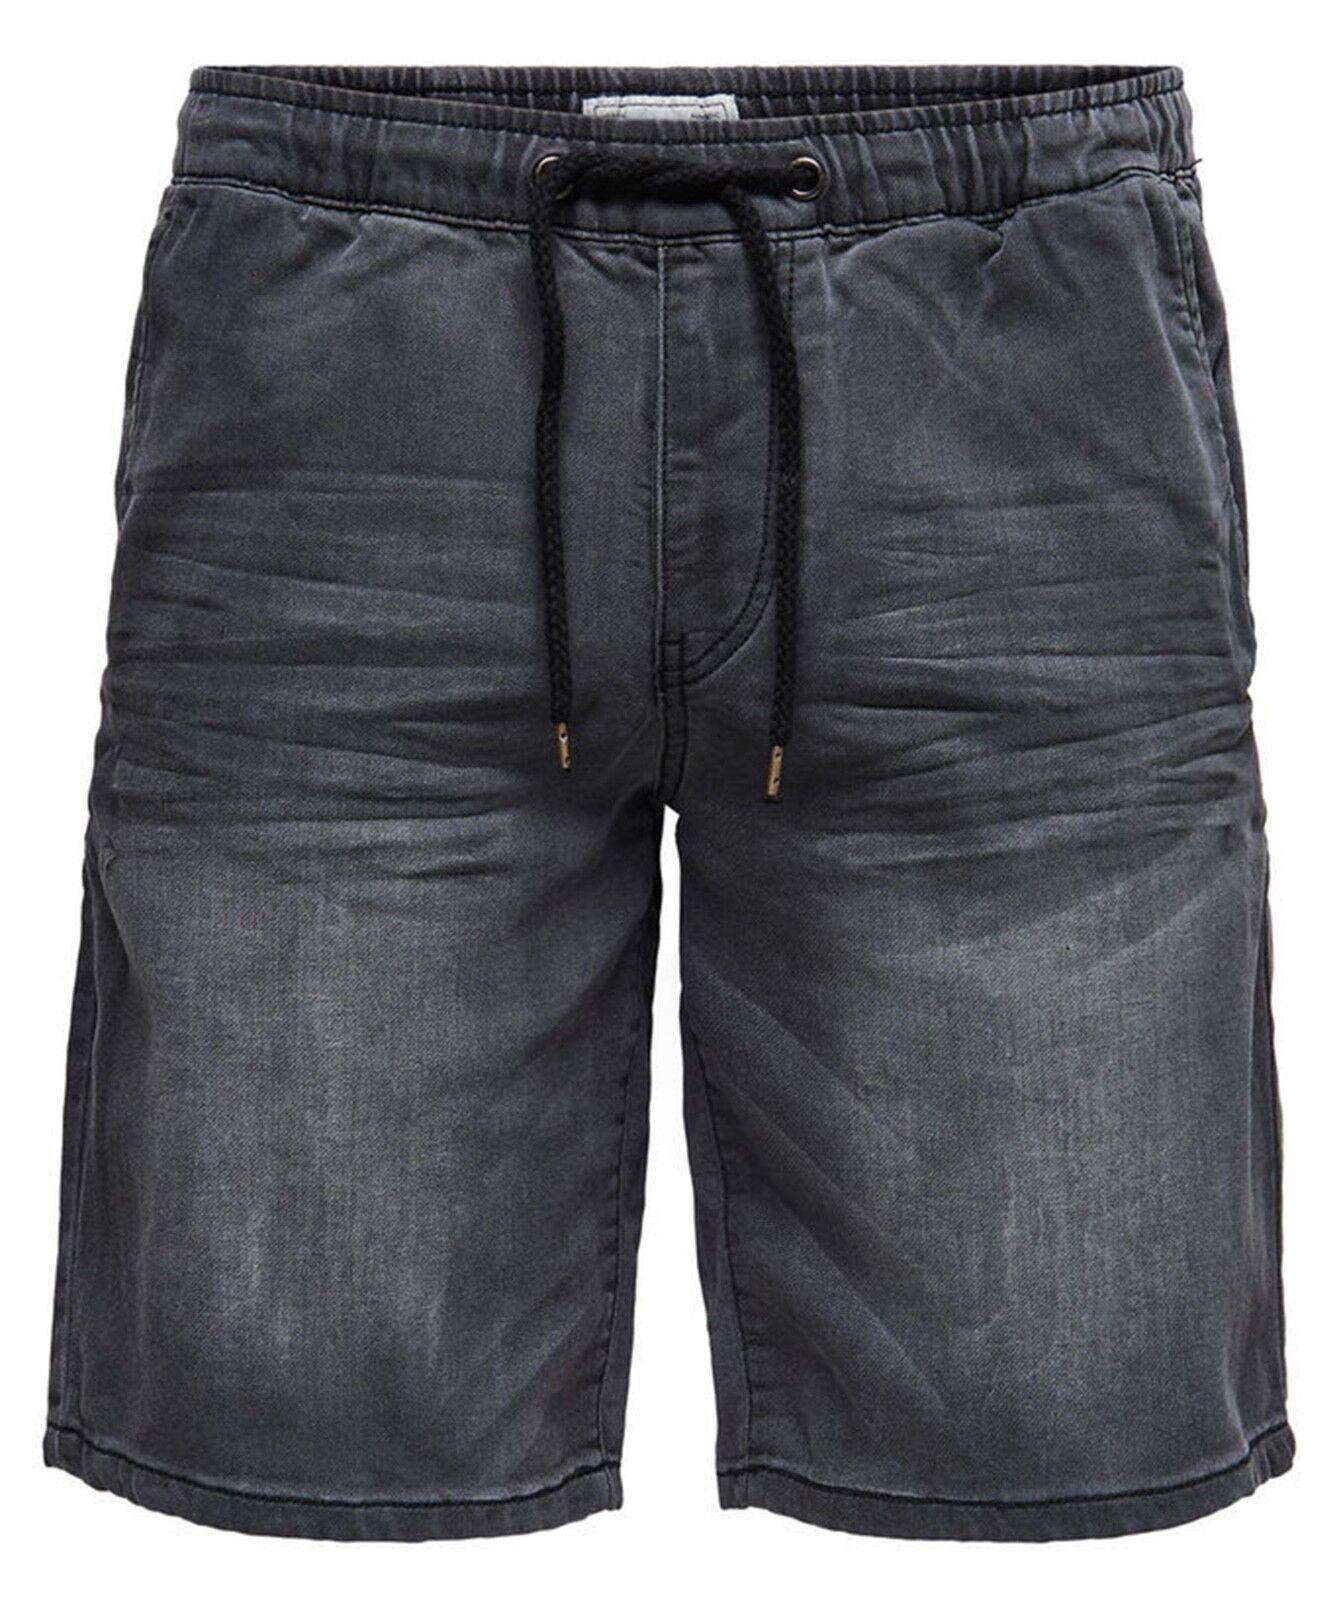 Sons Pantaloncini da Uomo Denim Grigio Azzurro Vintage Jogging Jogging Jogging Estate Jeans aa146a